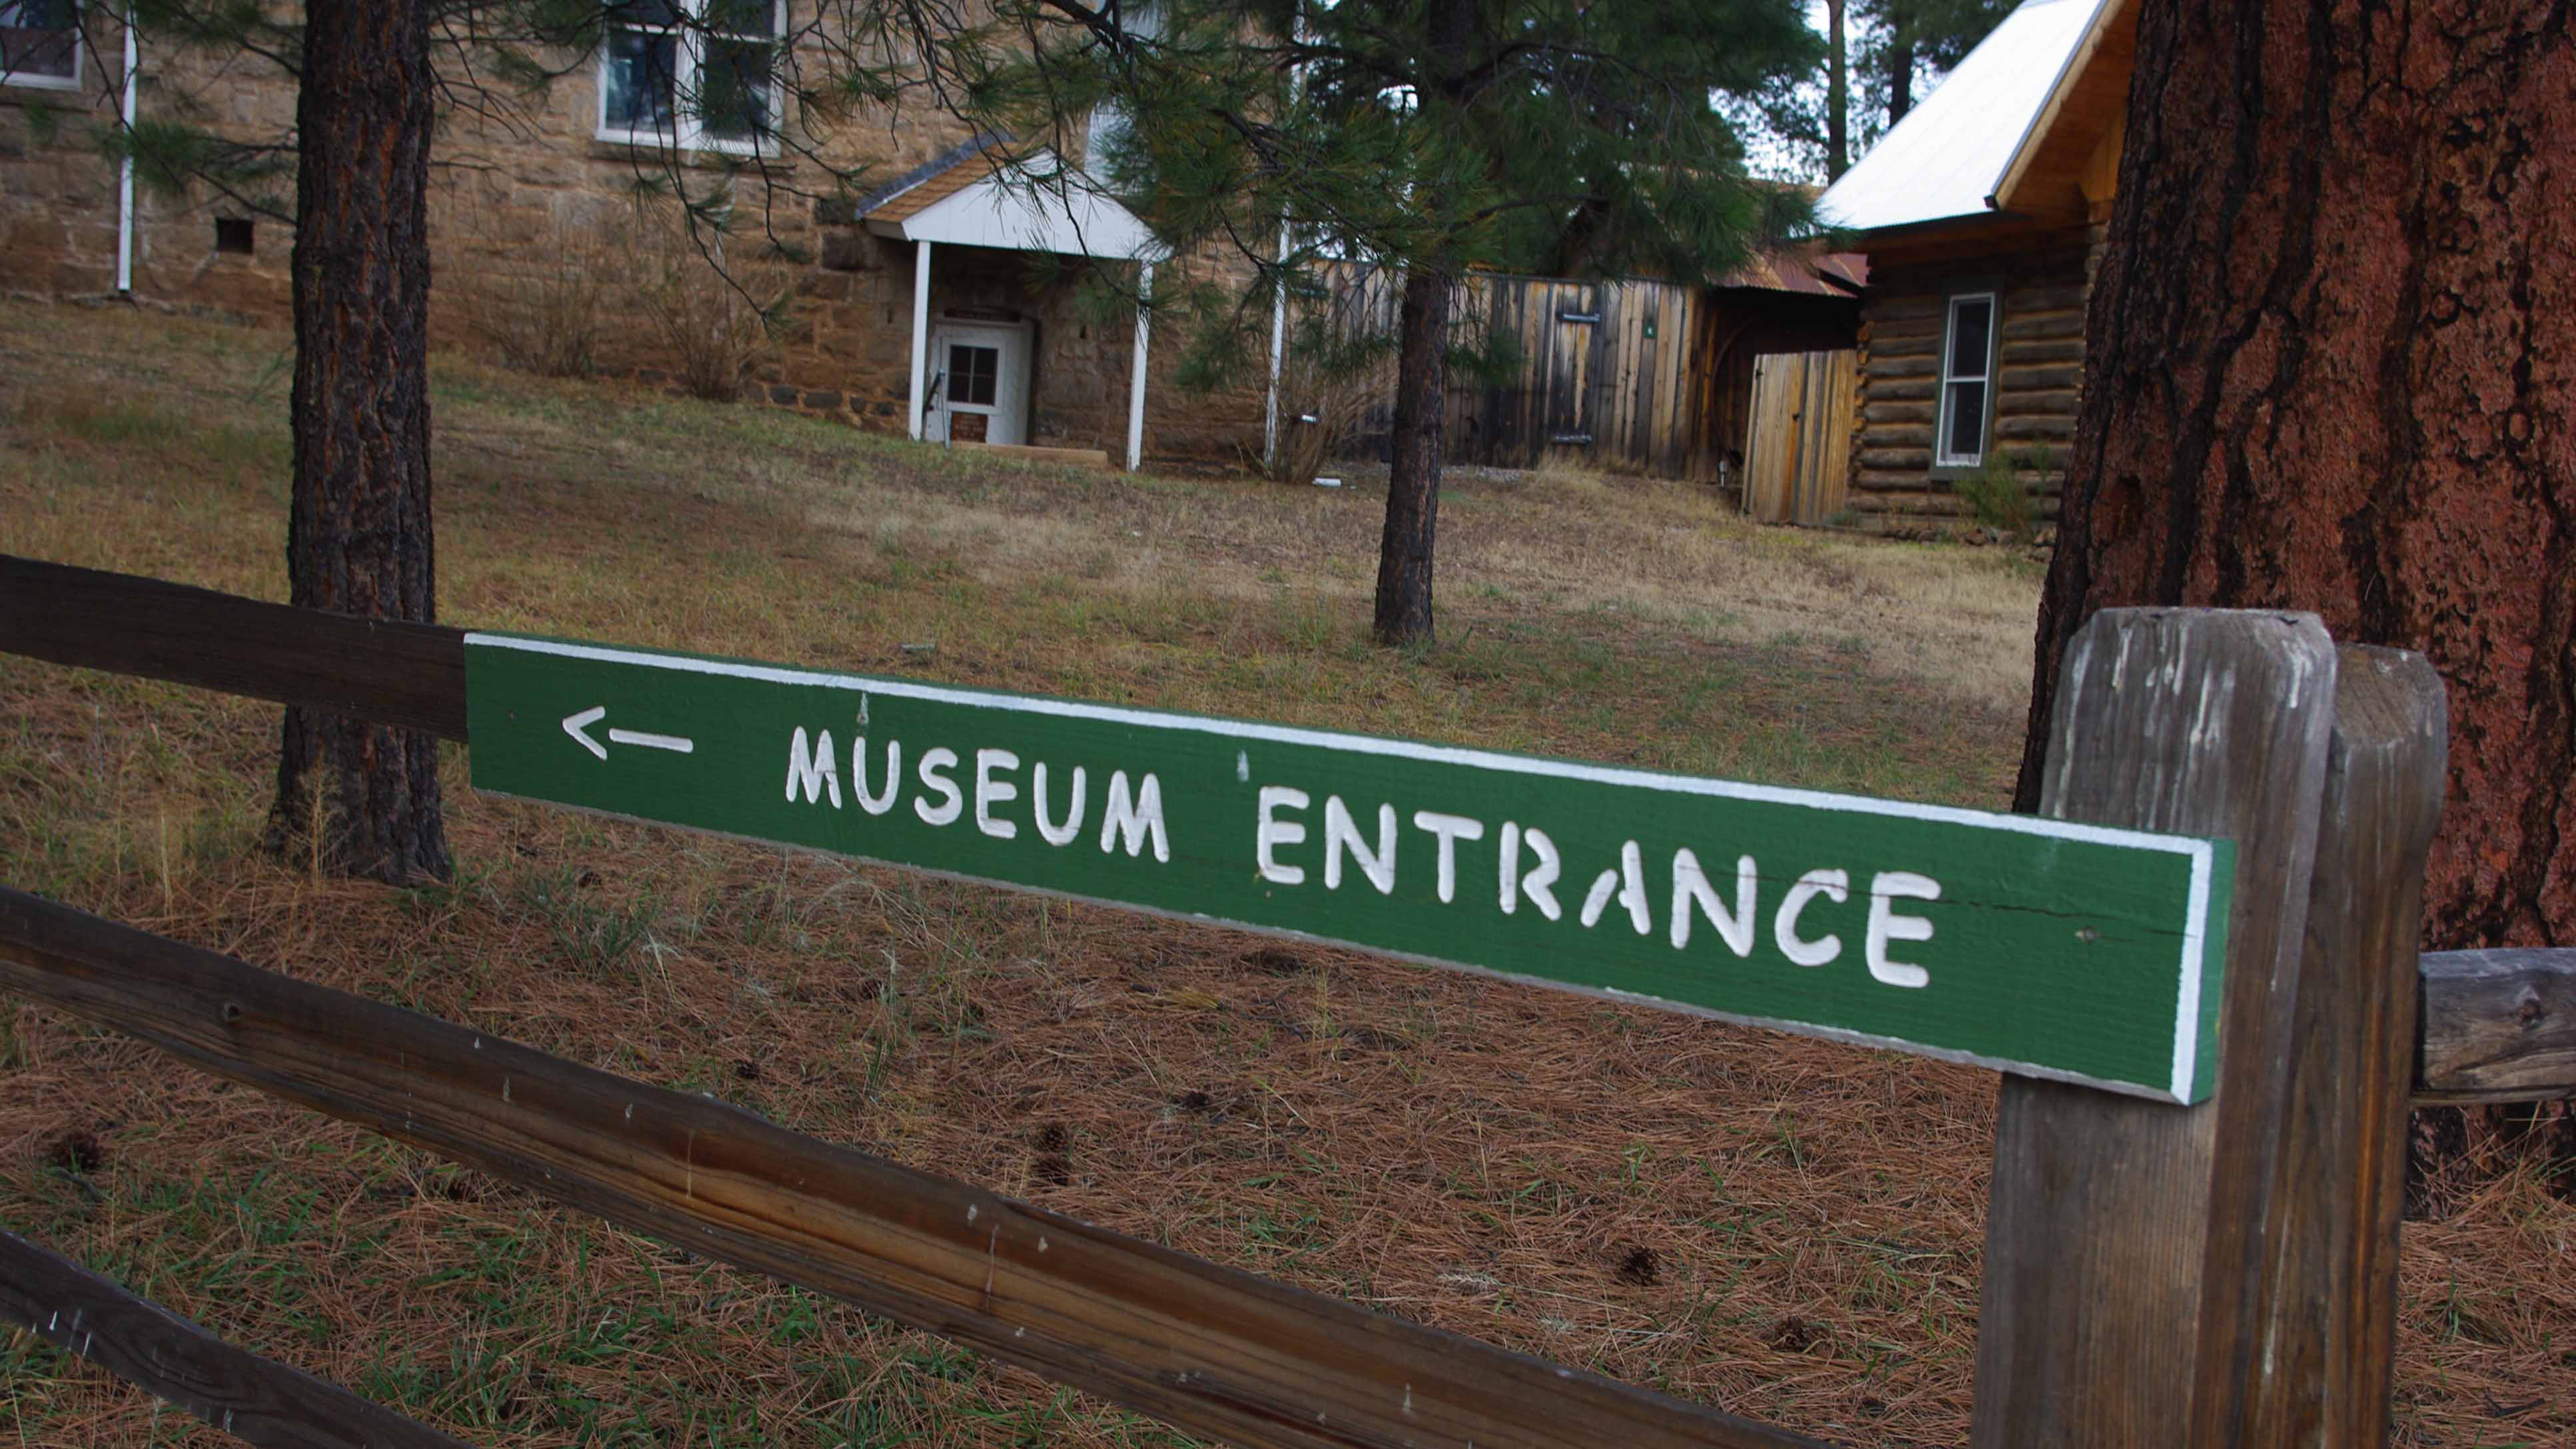 パイオニア・ミュージアム アリゾナ・ヒストリカル・ソサイエティー(Pioneer Museum Arizona Historical Society)